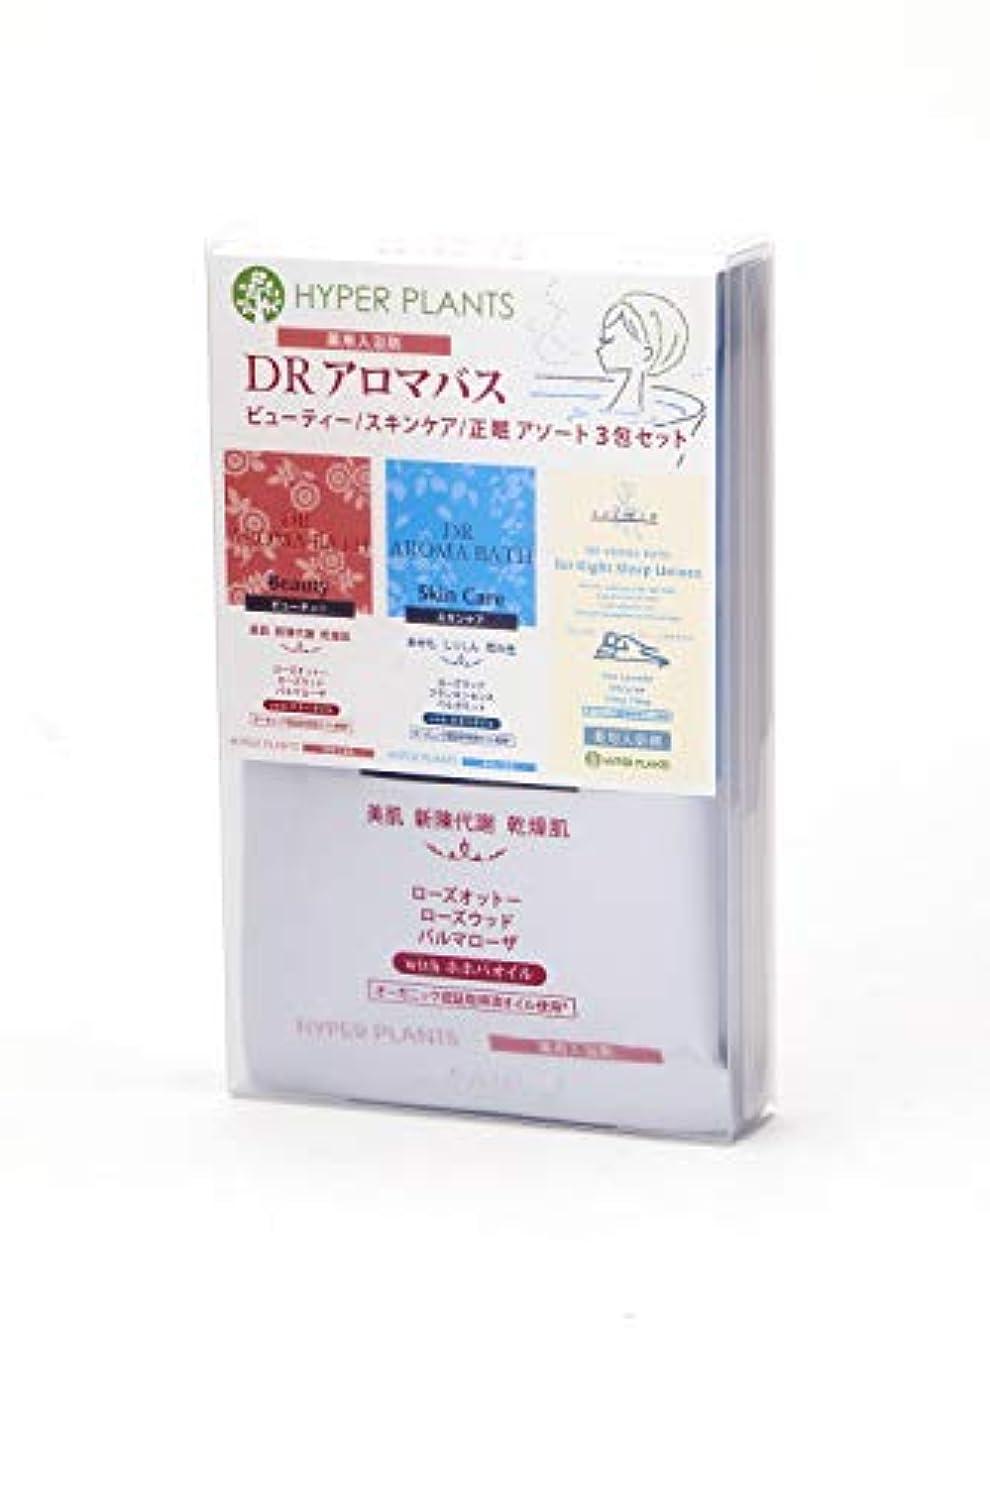 出費密情熱的医薬部外品 薬用入浴剤 ハイパープランツ DRアロマバス (ビューティー、スキンケア、正眠) アソート3包セット